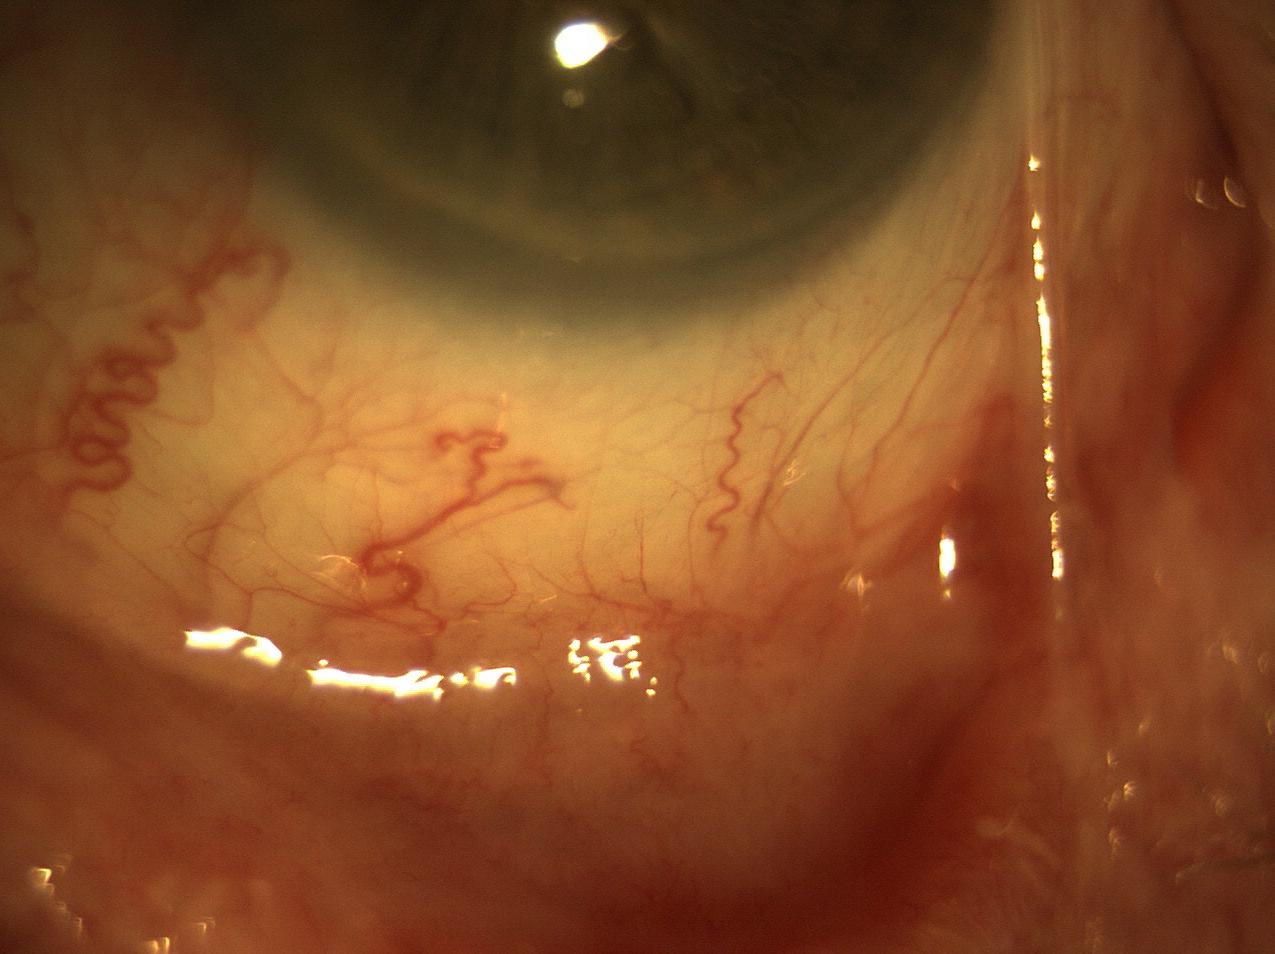 Ocular Cicatricial Pemphigoid